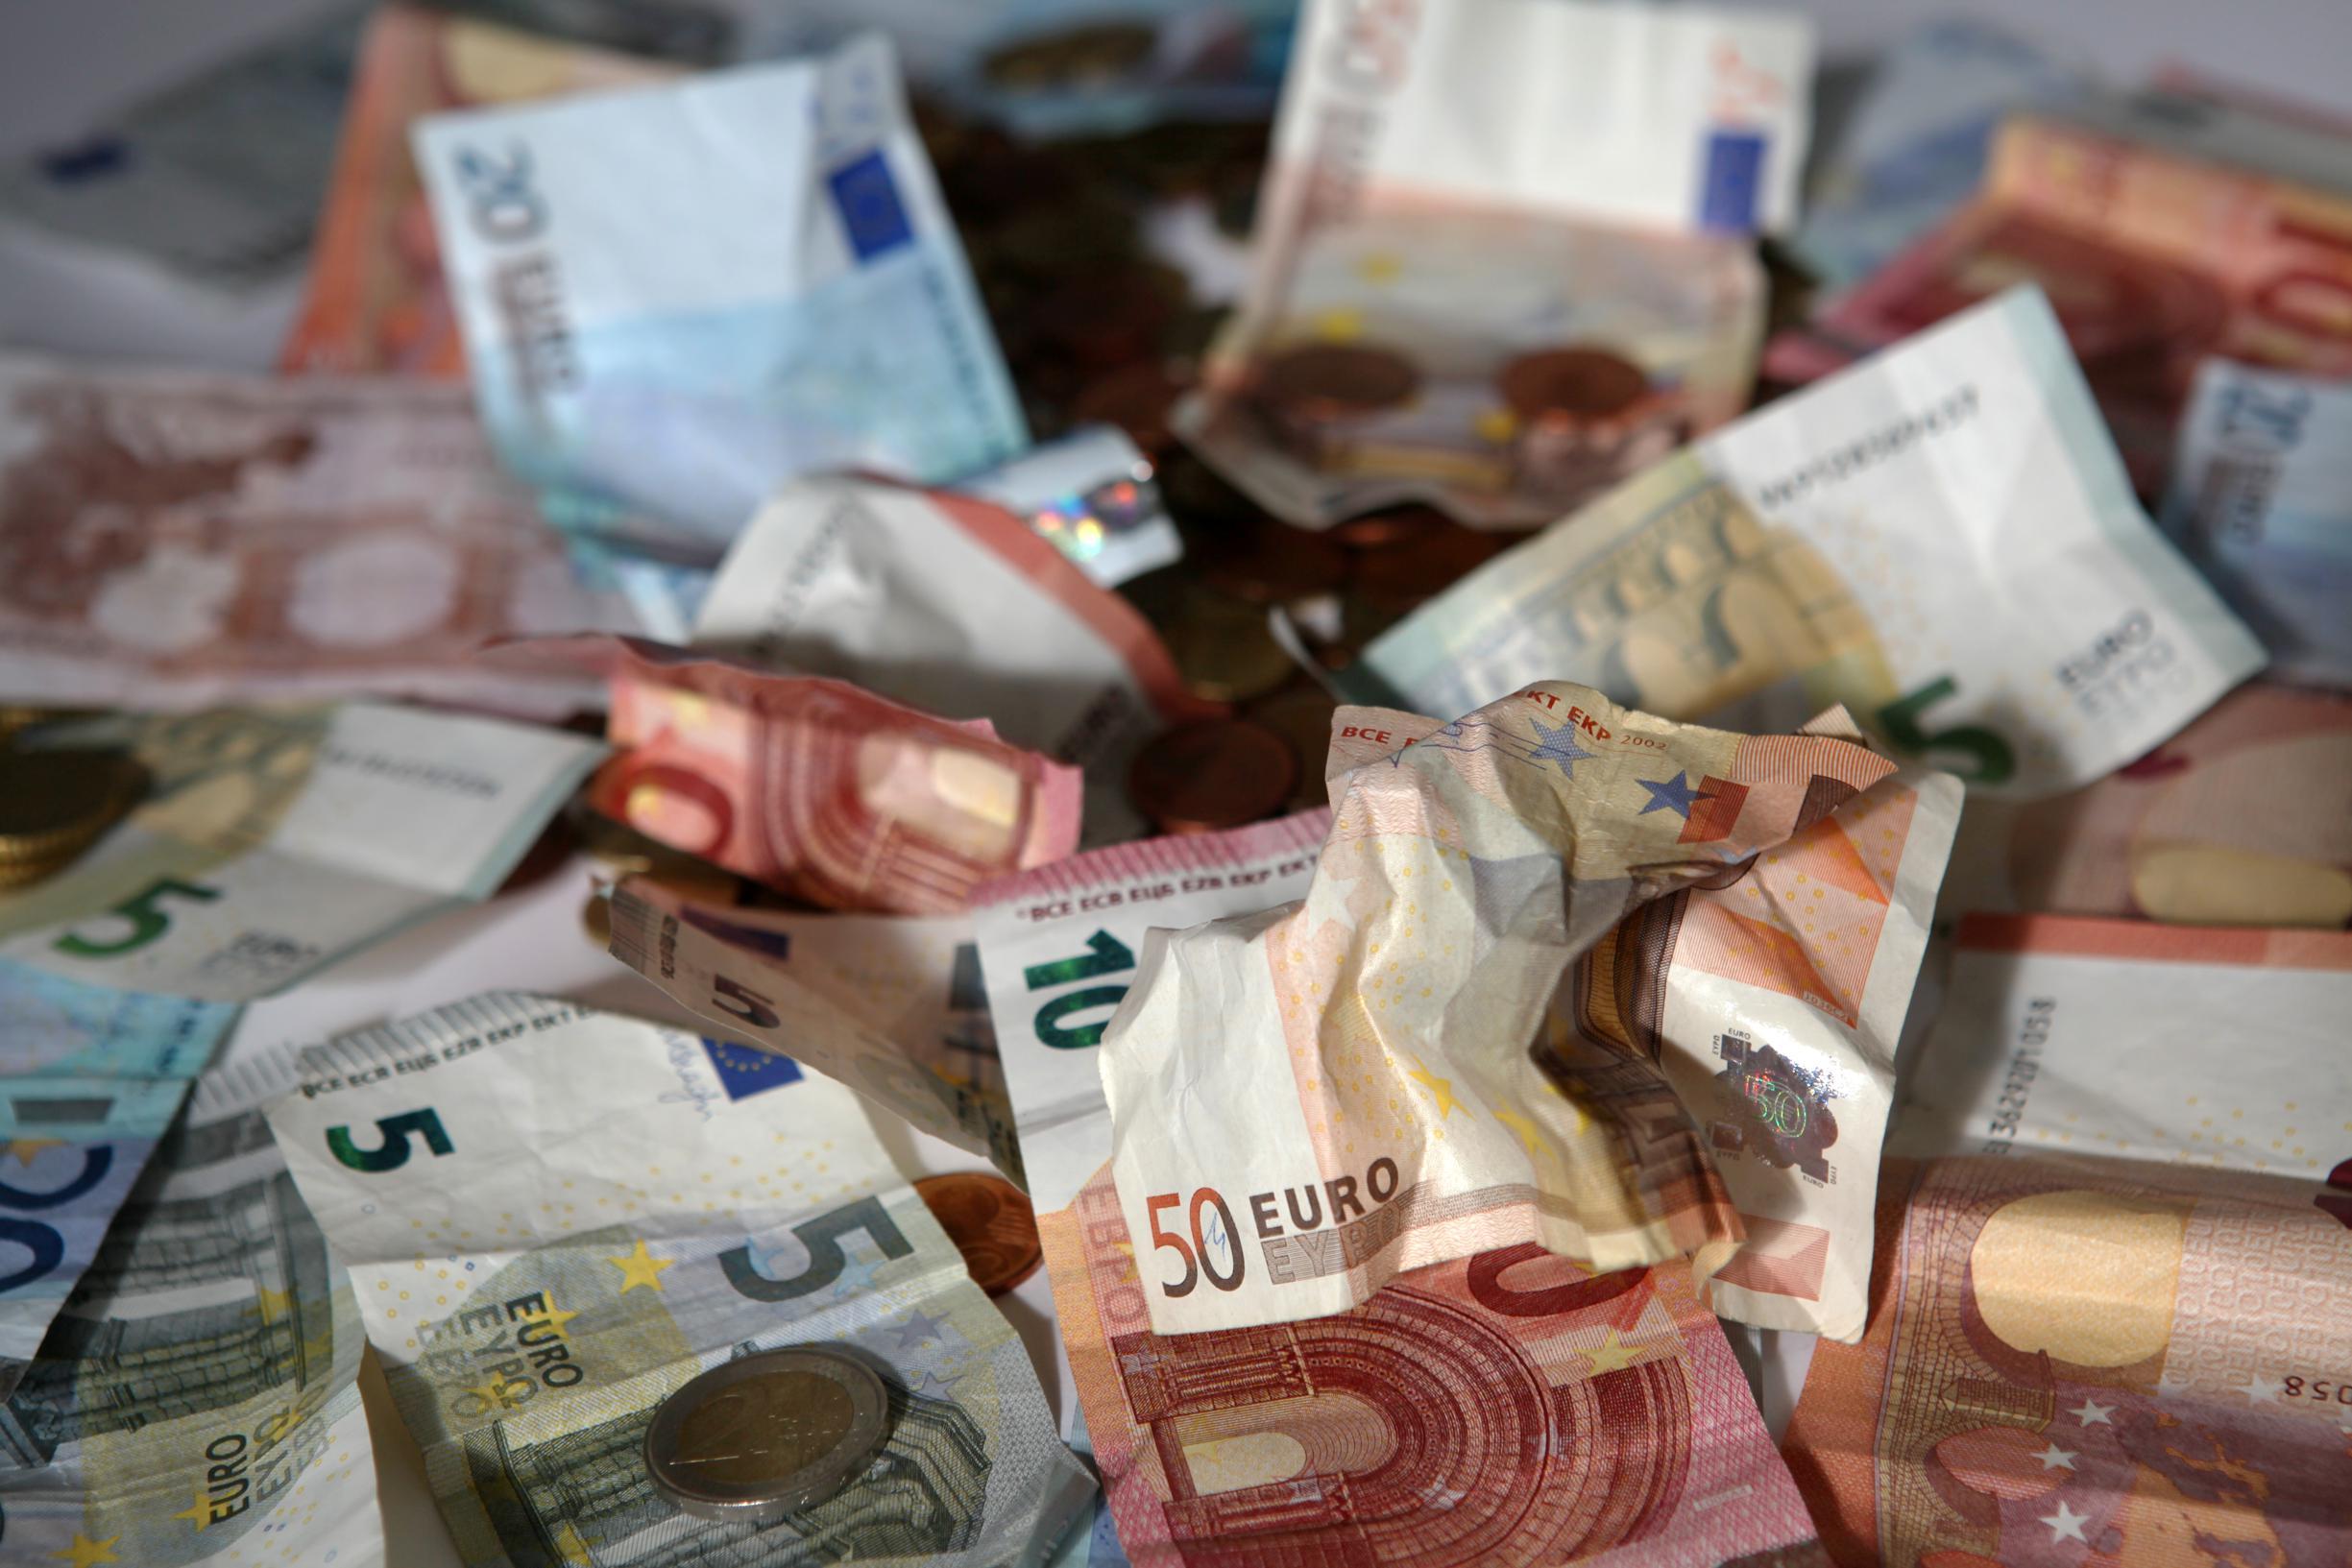 Probleemkredieten kunnen oplopen tot 1.000 miljard euro